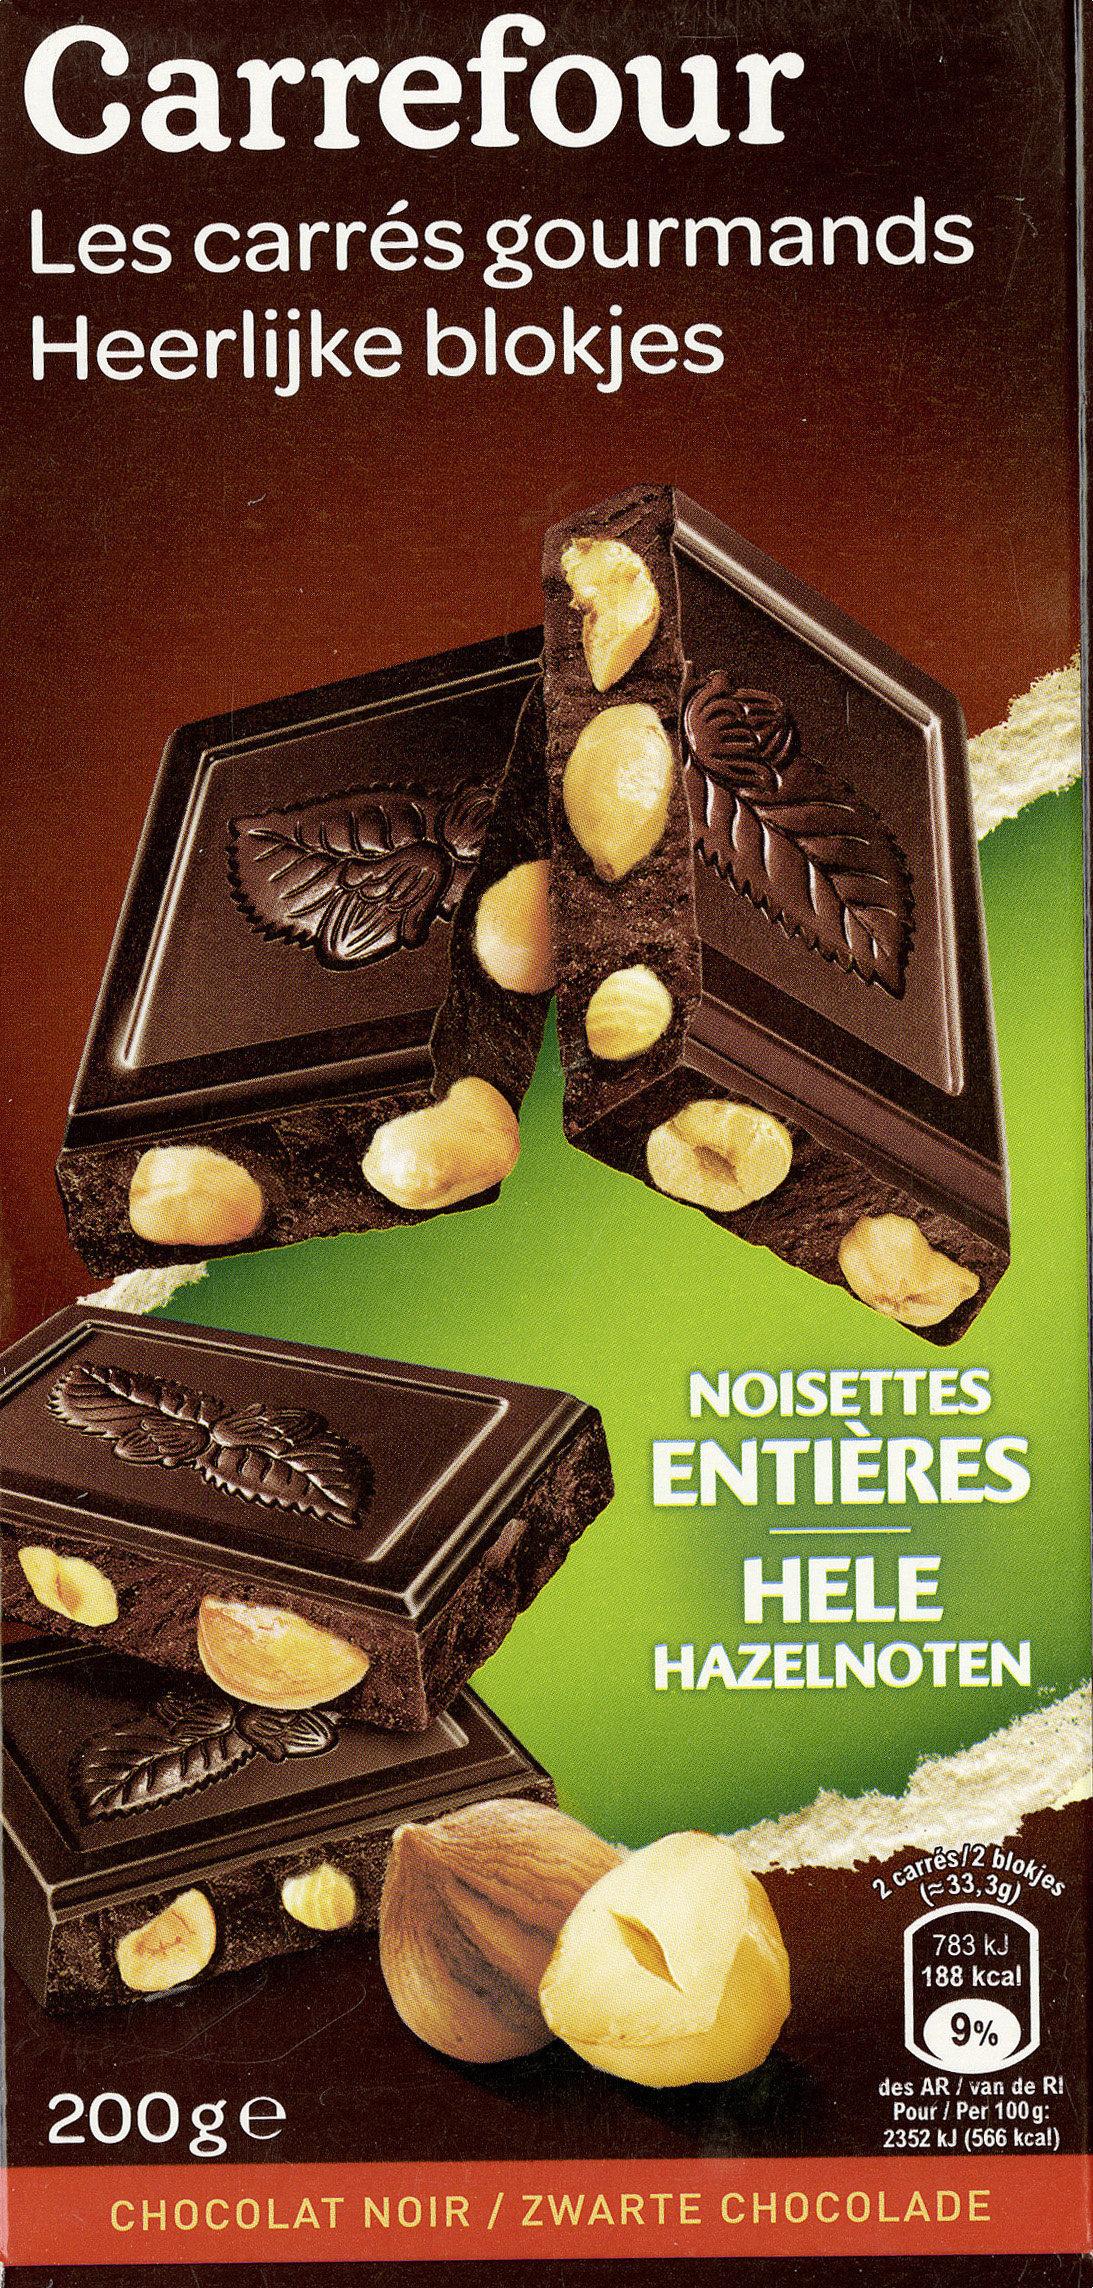 Carrés Gourmands Chocolat noir Noisettes entières - Product